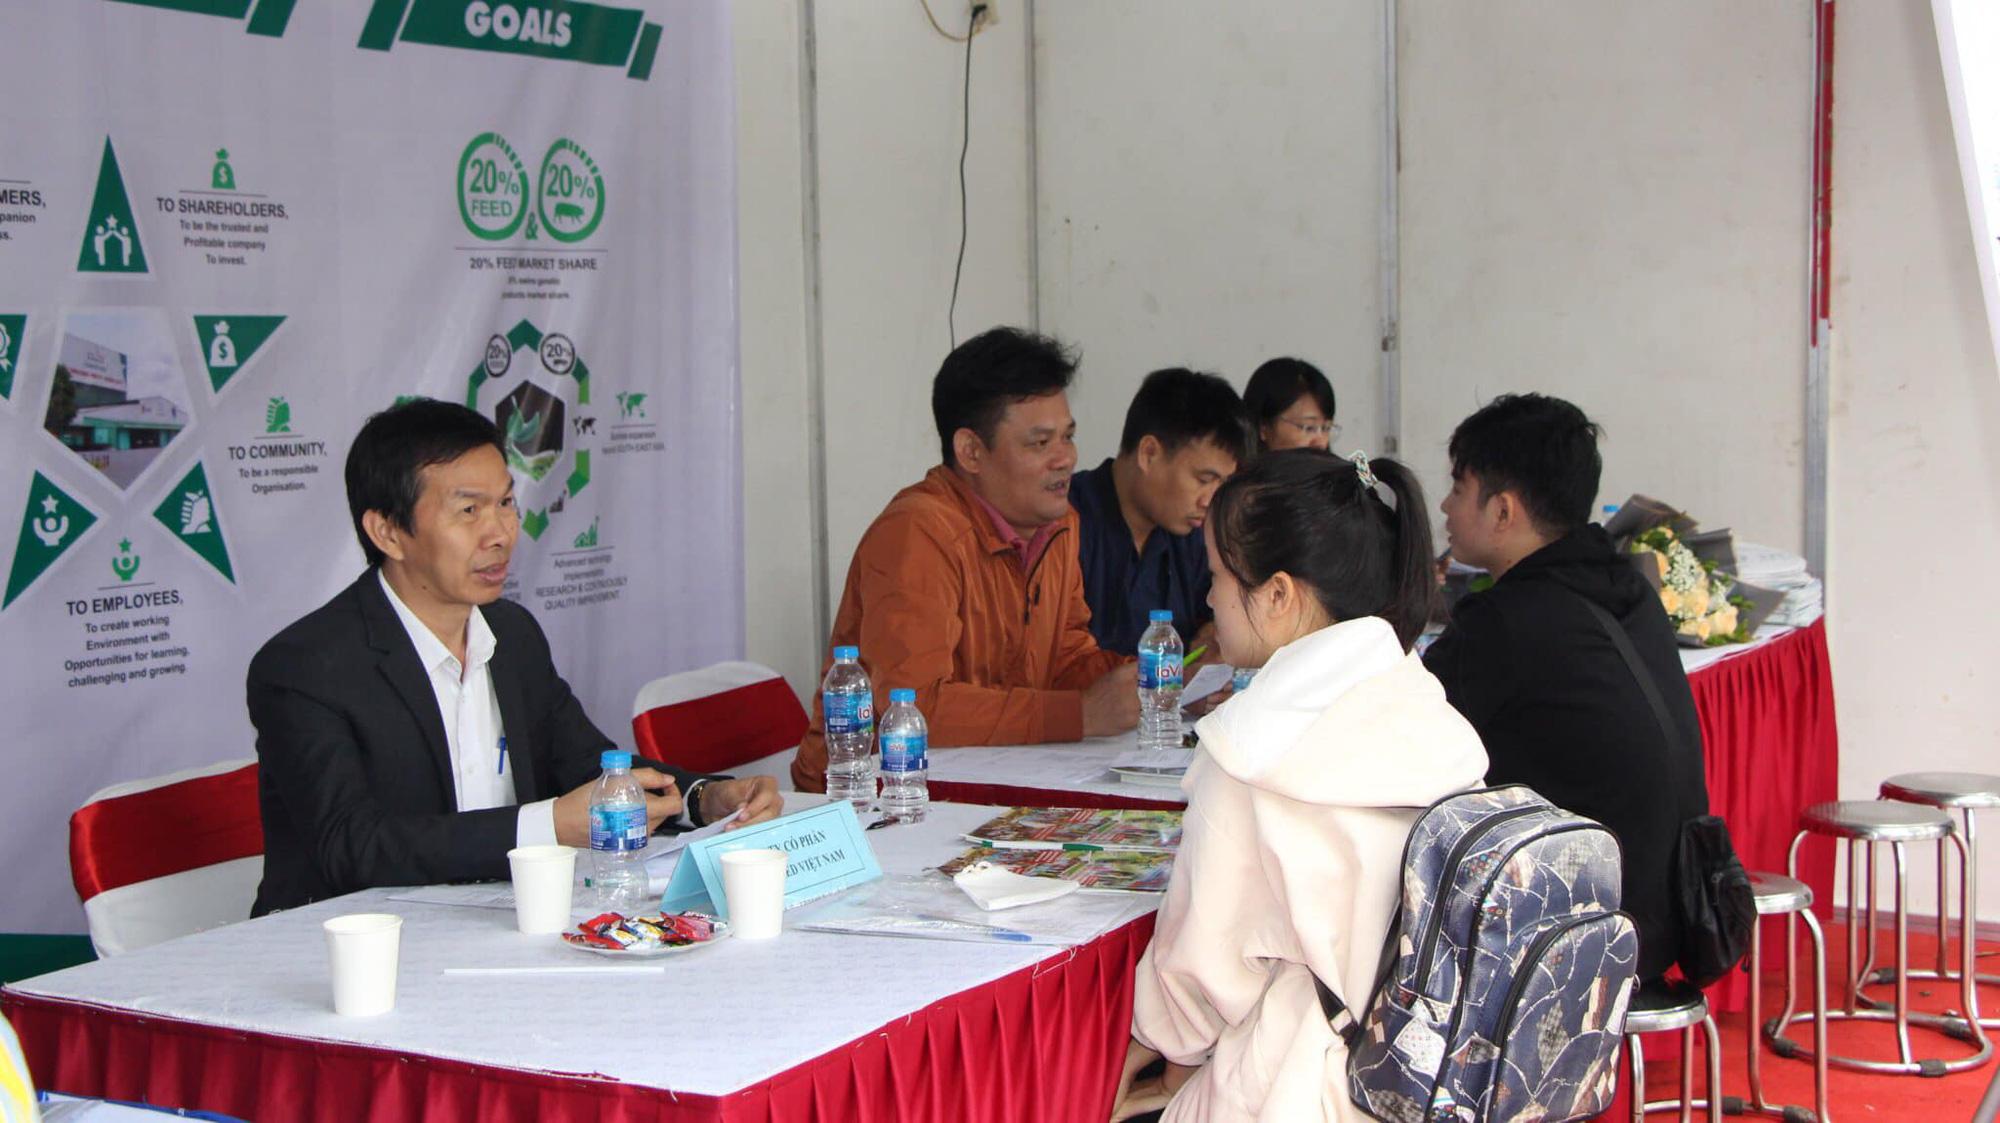 54 doanh nghiệp đổ về Học viện Nông nghiệp Việt Nam tuyển dụng 3.652 chỉ tiêu việc làm - Ảnh 2.